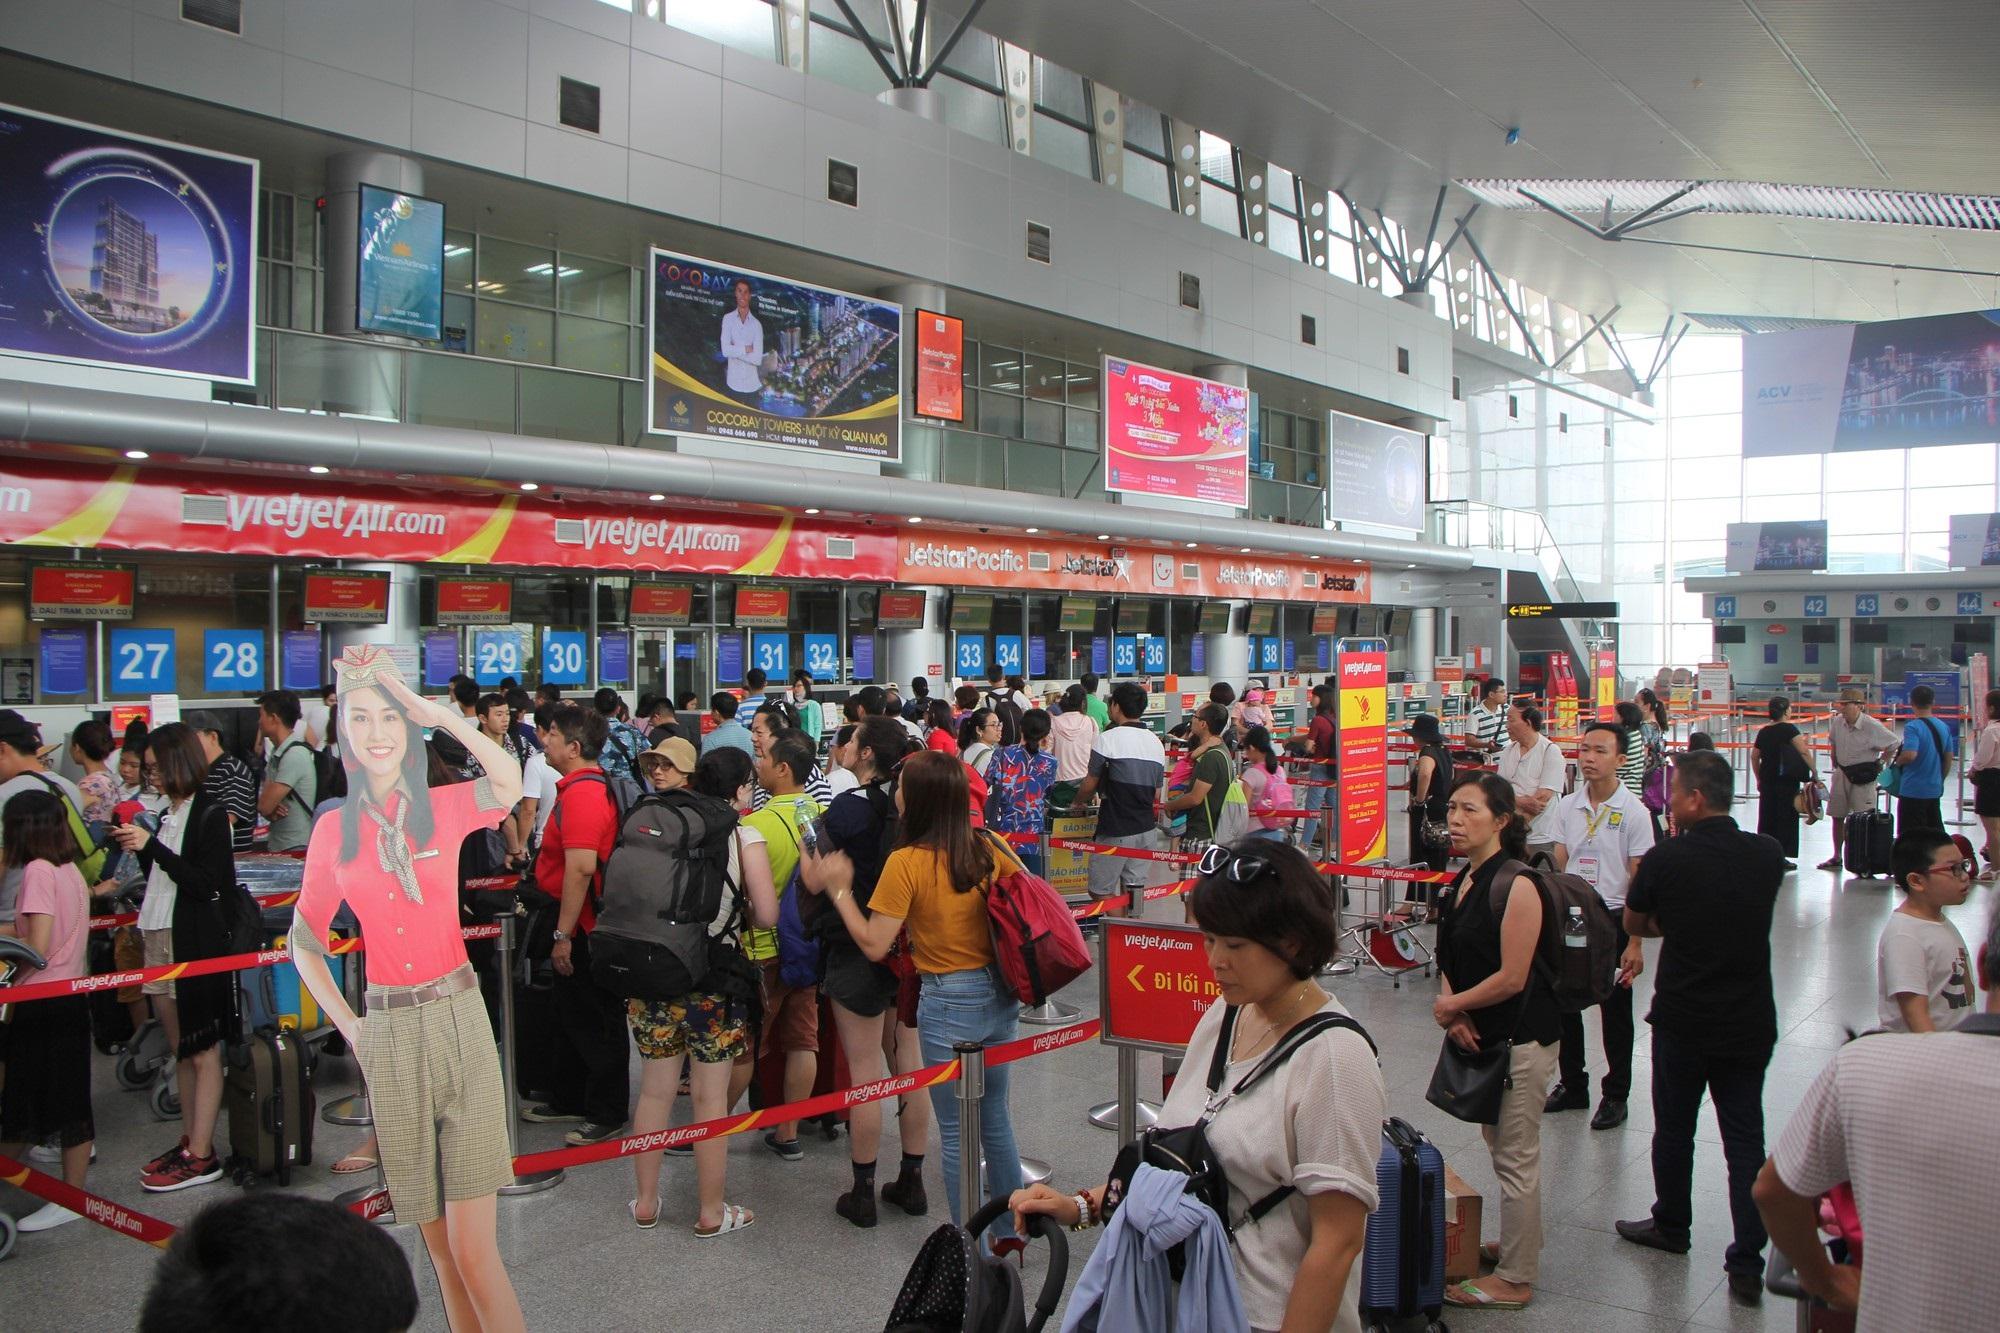 Ném điện thoại chảy máu mặt nữ nhân viên hàng không, hành khách bị phạt 7,5 triệu, xem xét cấm bay - Ảnh 1